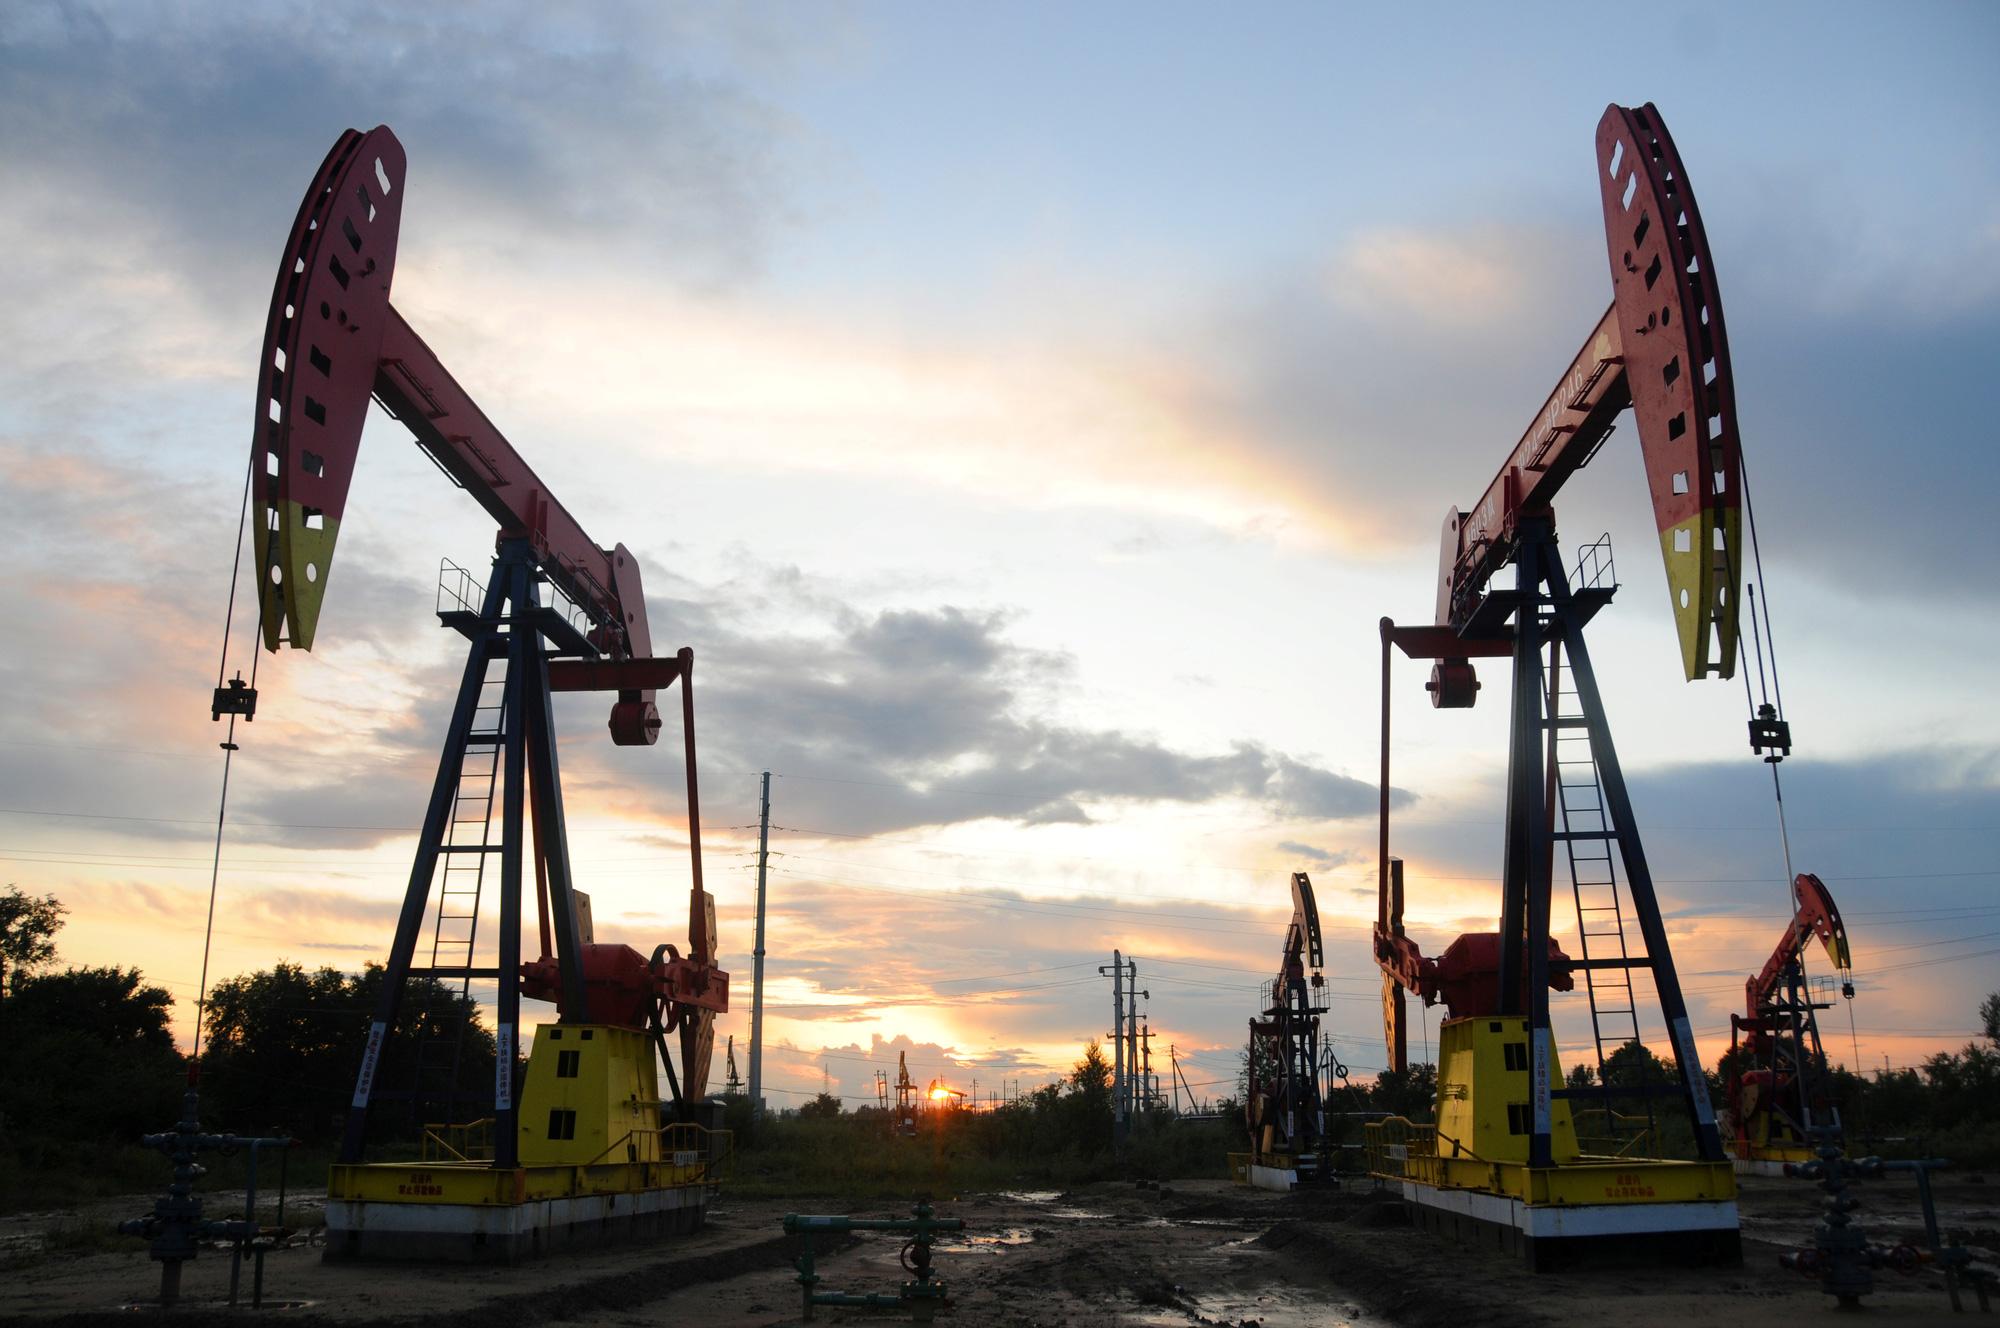 Giá xăng dầu hôm nay 11/10: Giá dầu tiếp tục đà tăng trong phiên giao đầu tuần - Ảnh 1.